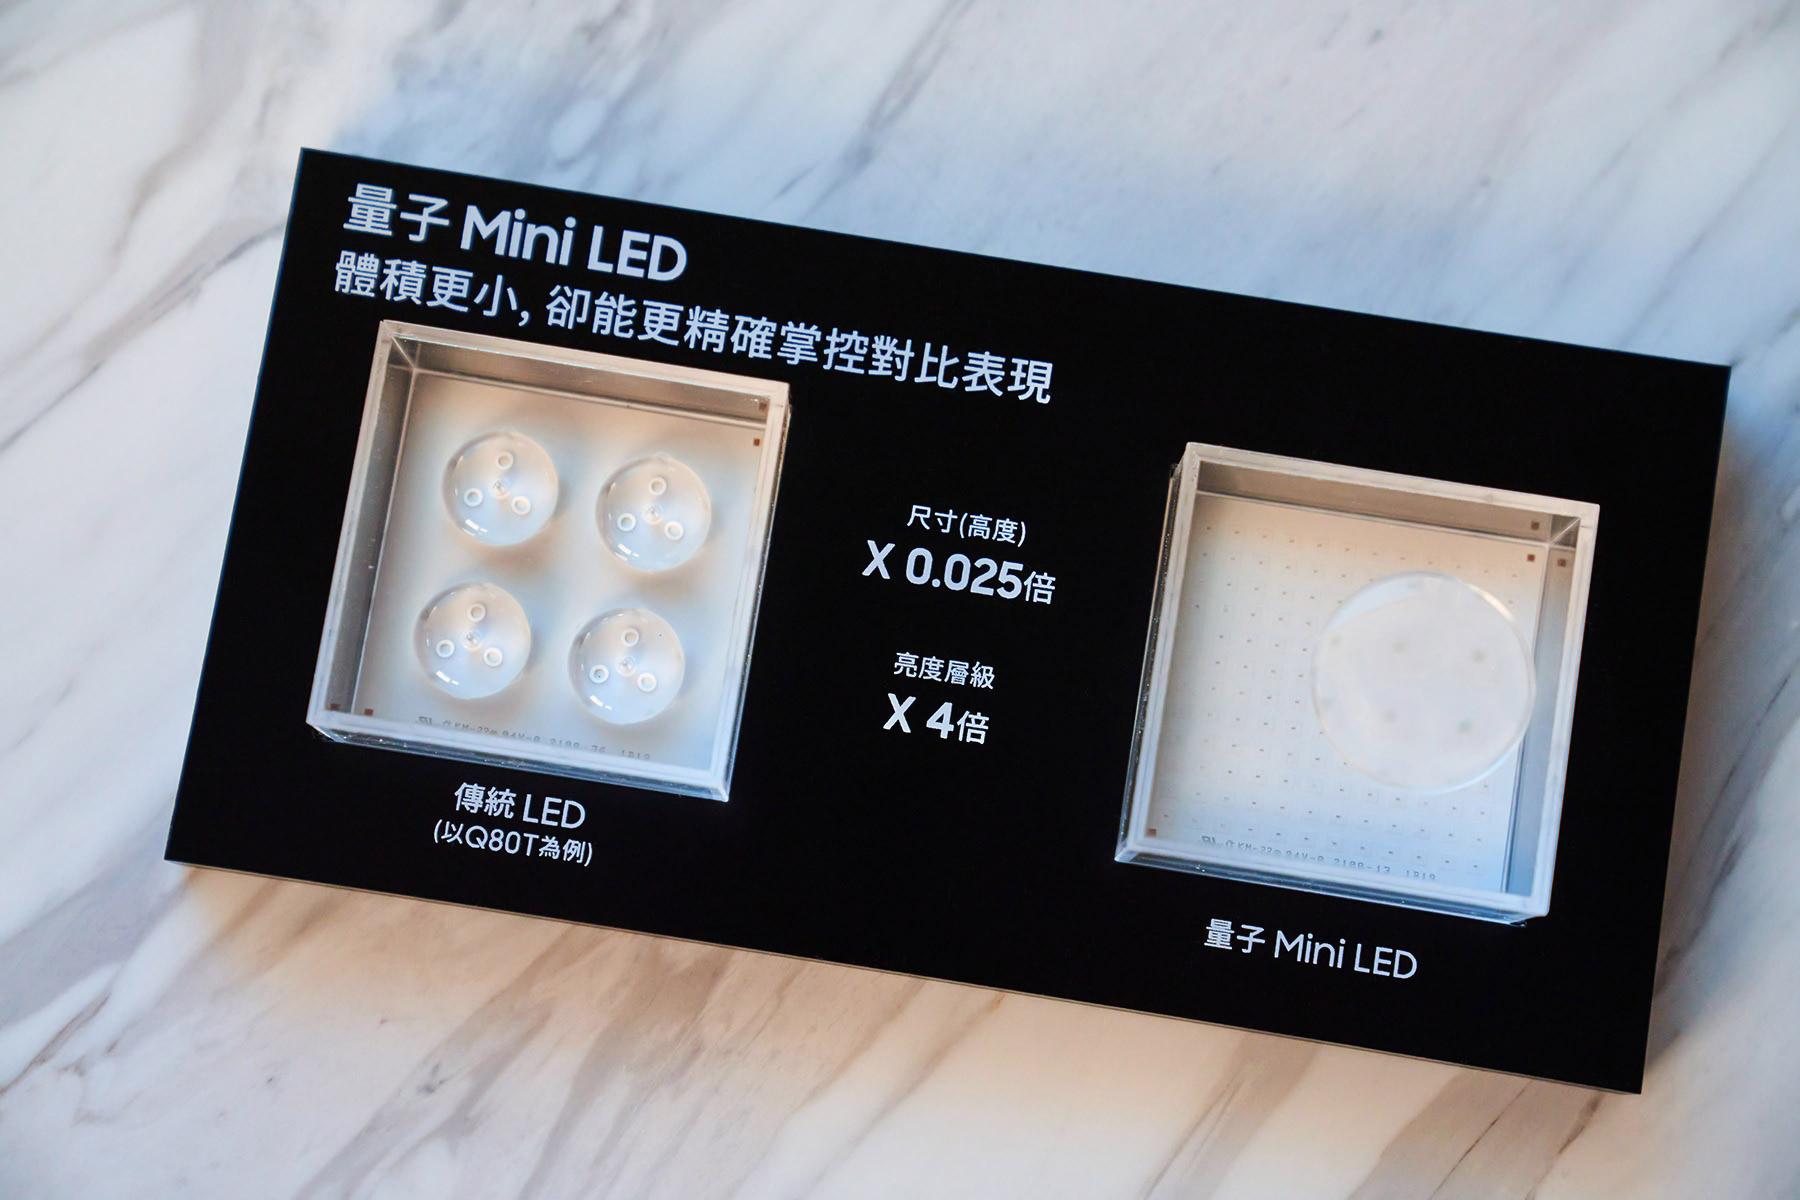 上圖為量子 Mini LED 與傳統 LED 的體積對比,可以看到傳統 LED 燈體確實比量子 Mini LED 大許多!正因量子 Mini LED 有著更高的亮度,所以無論是色彩或動態的表現,量子 Mini LED 都較傳統 LED 提升甚多。特別是灰階對比上有顯著的提升。